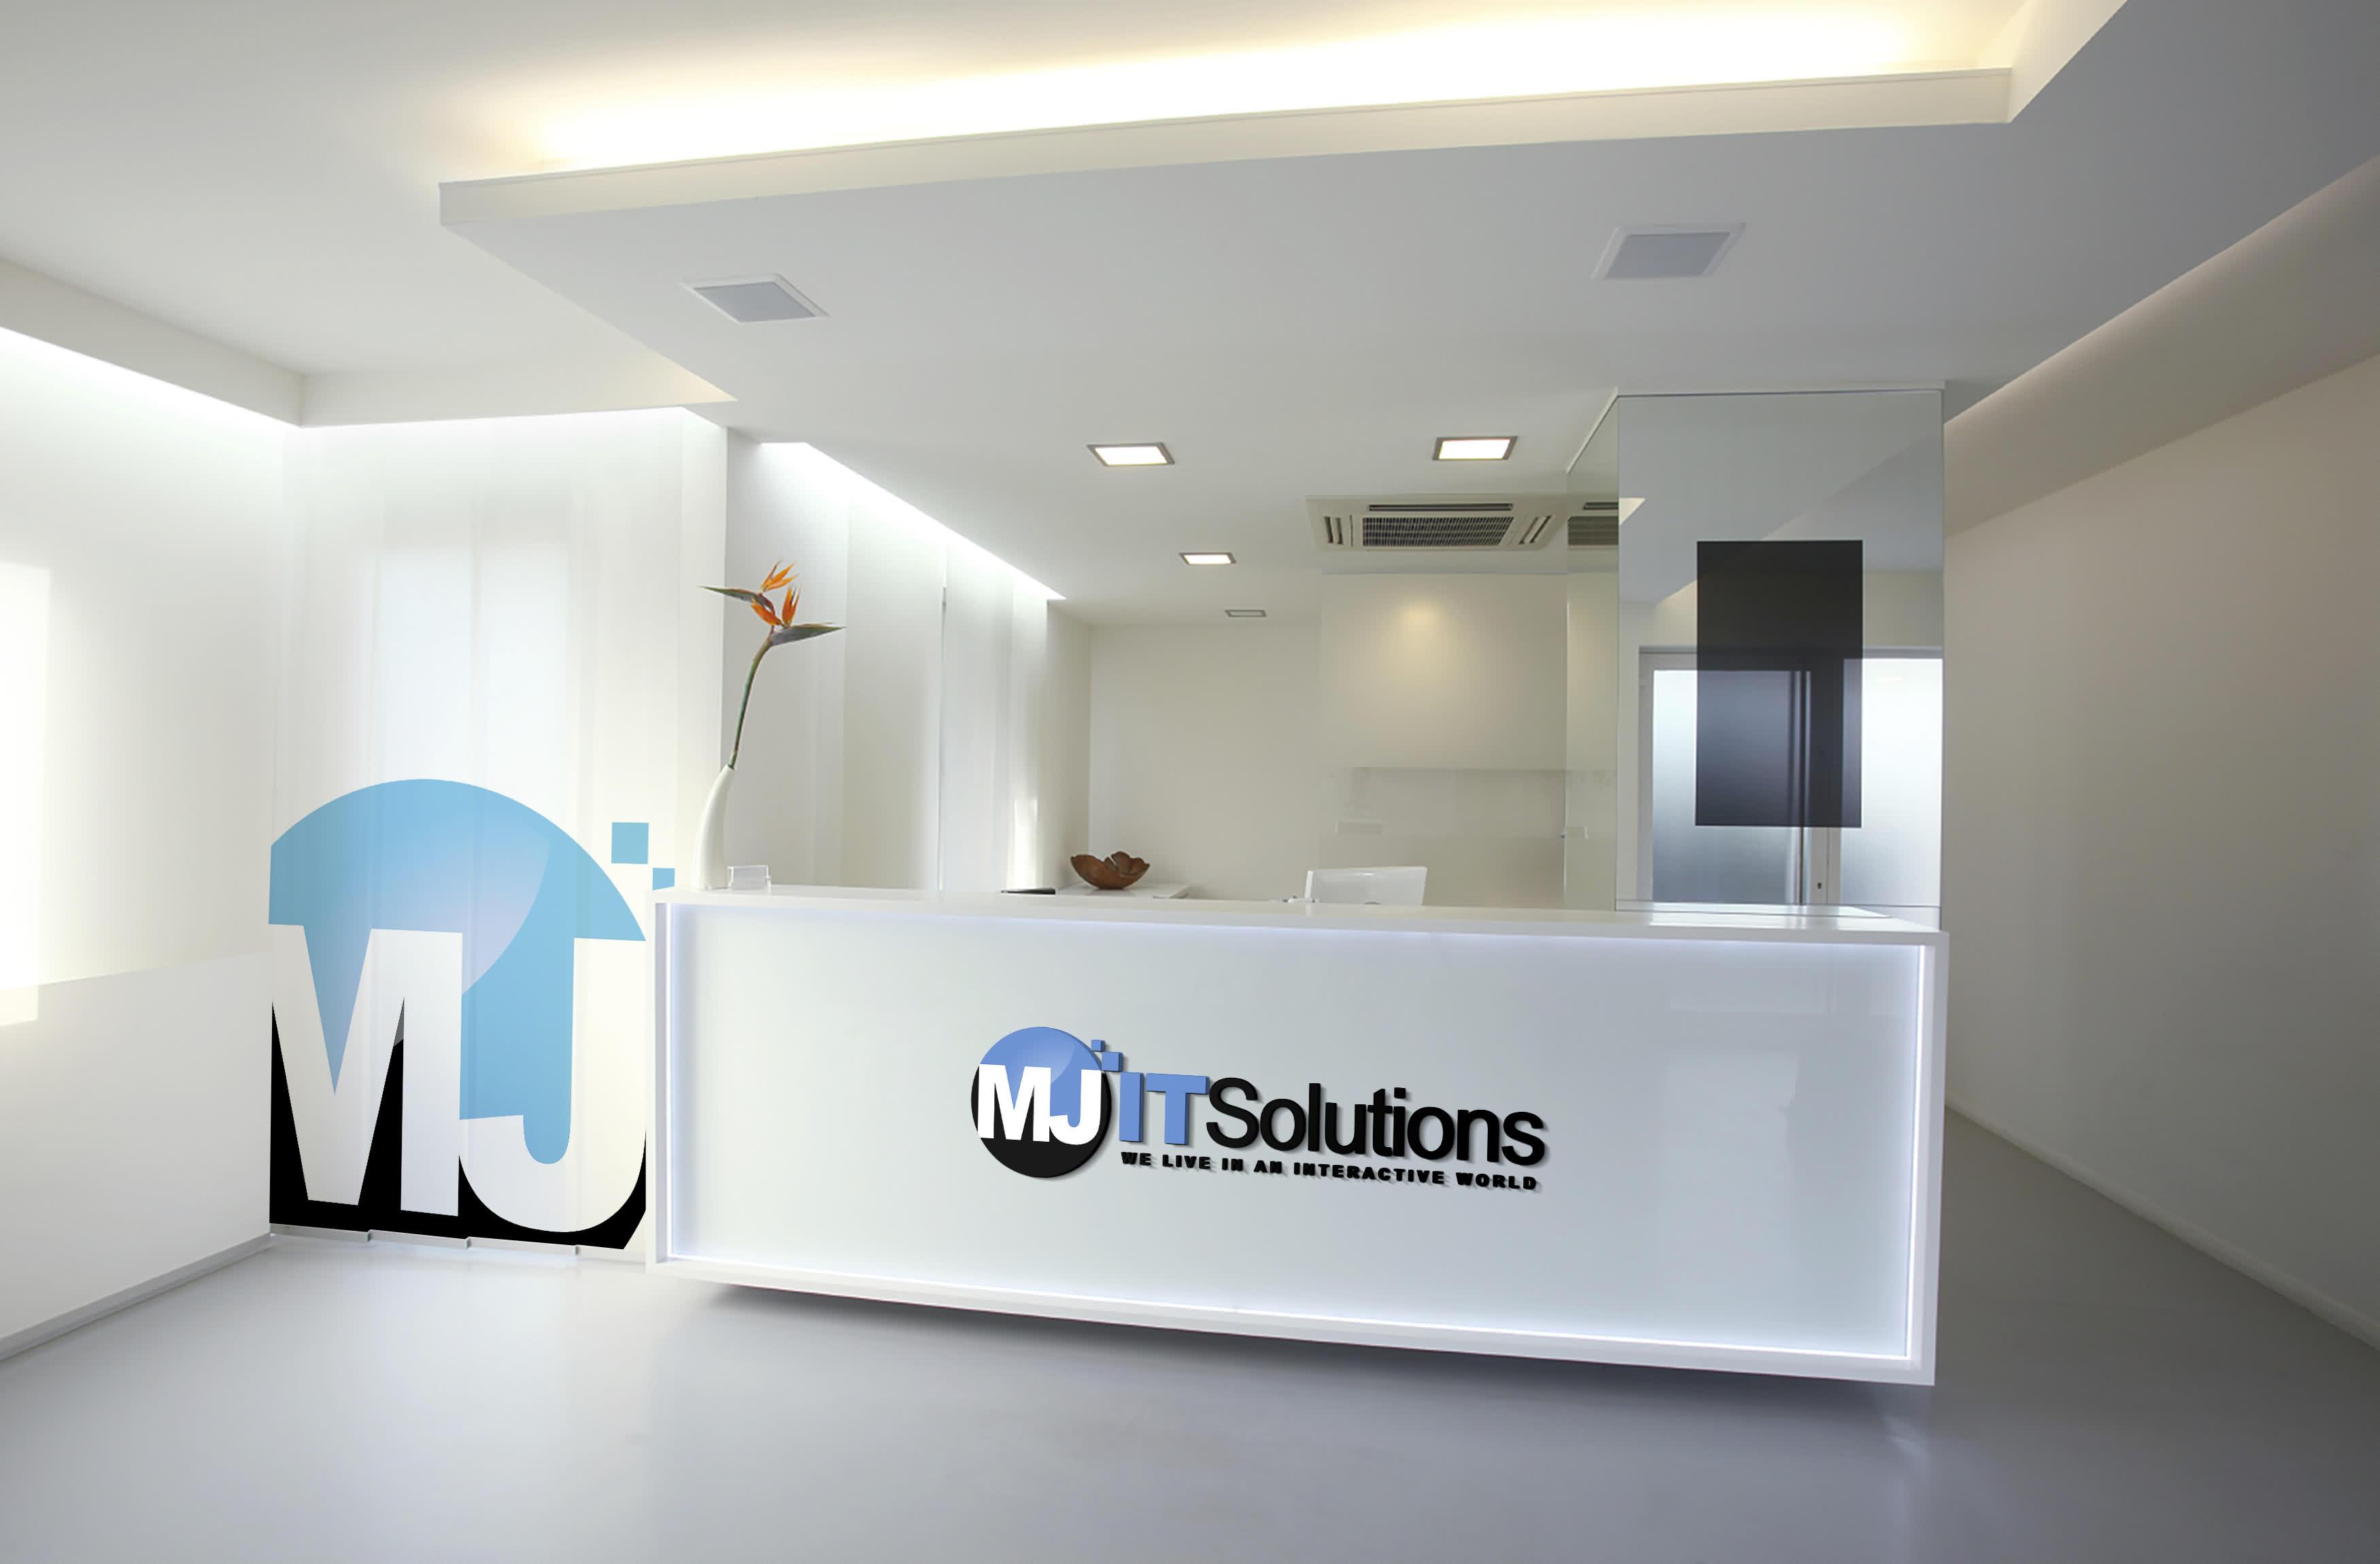 Mj It Office West Door Entrance